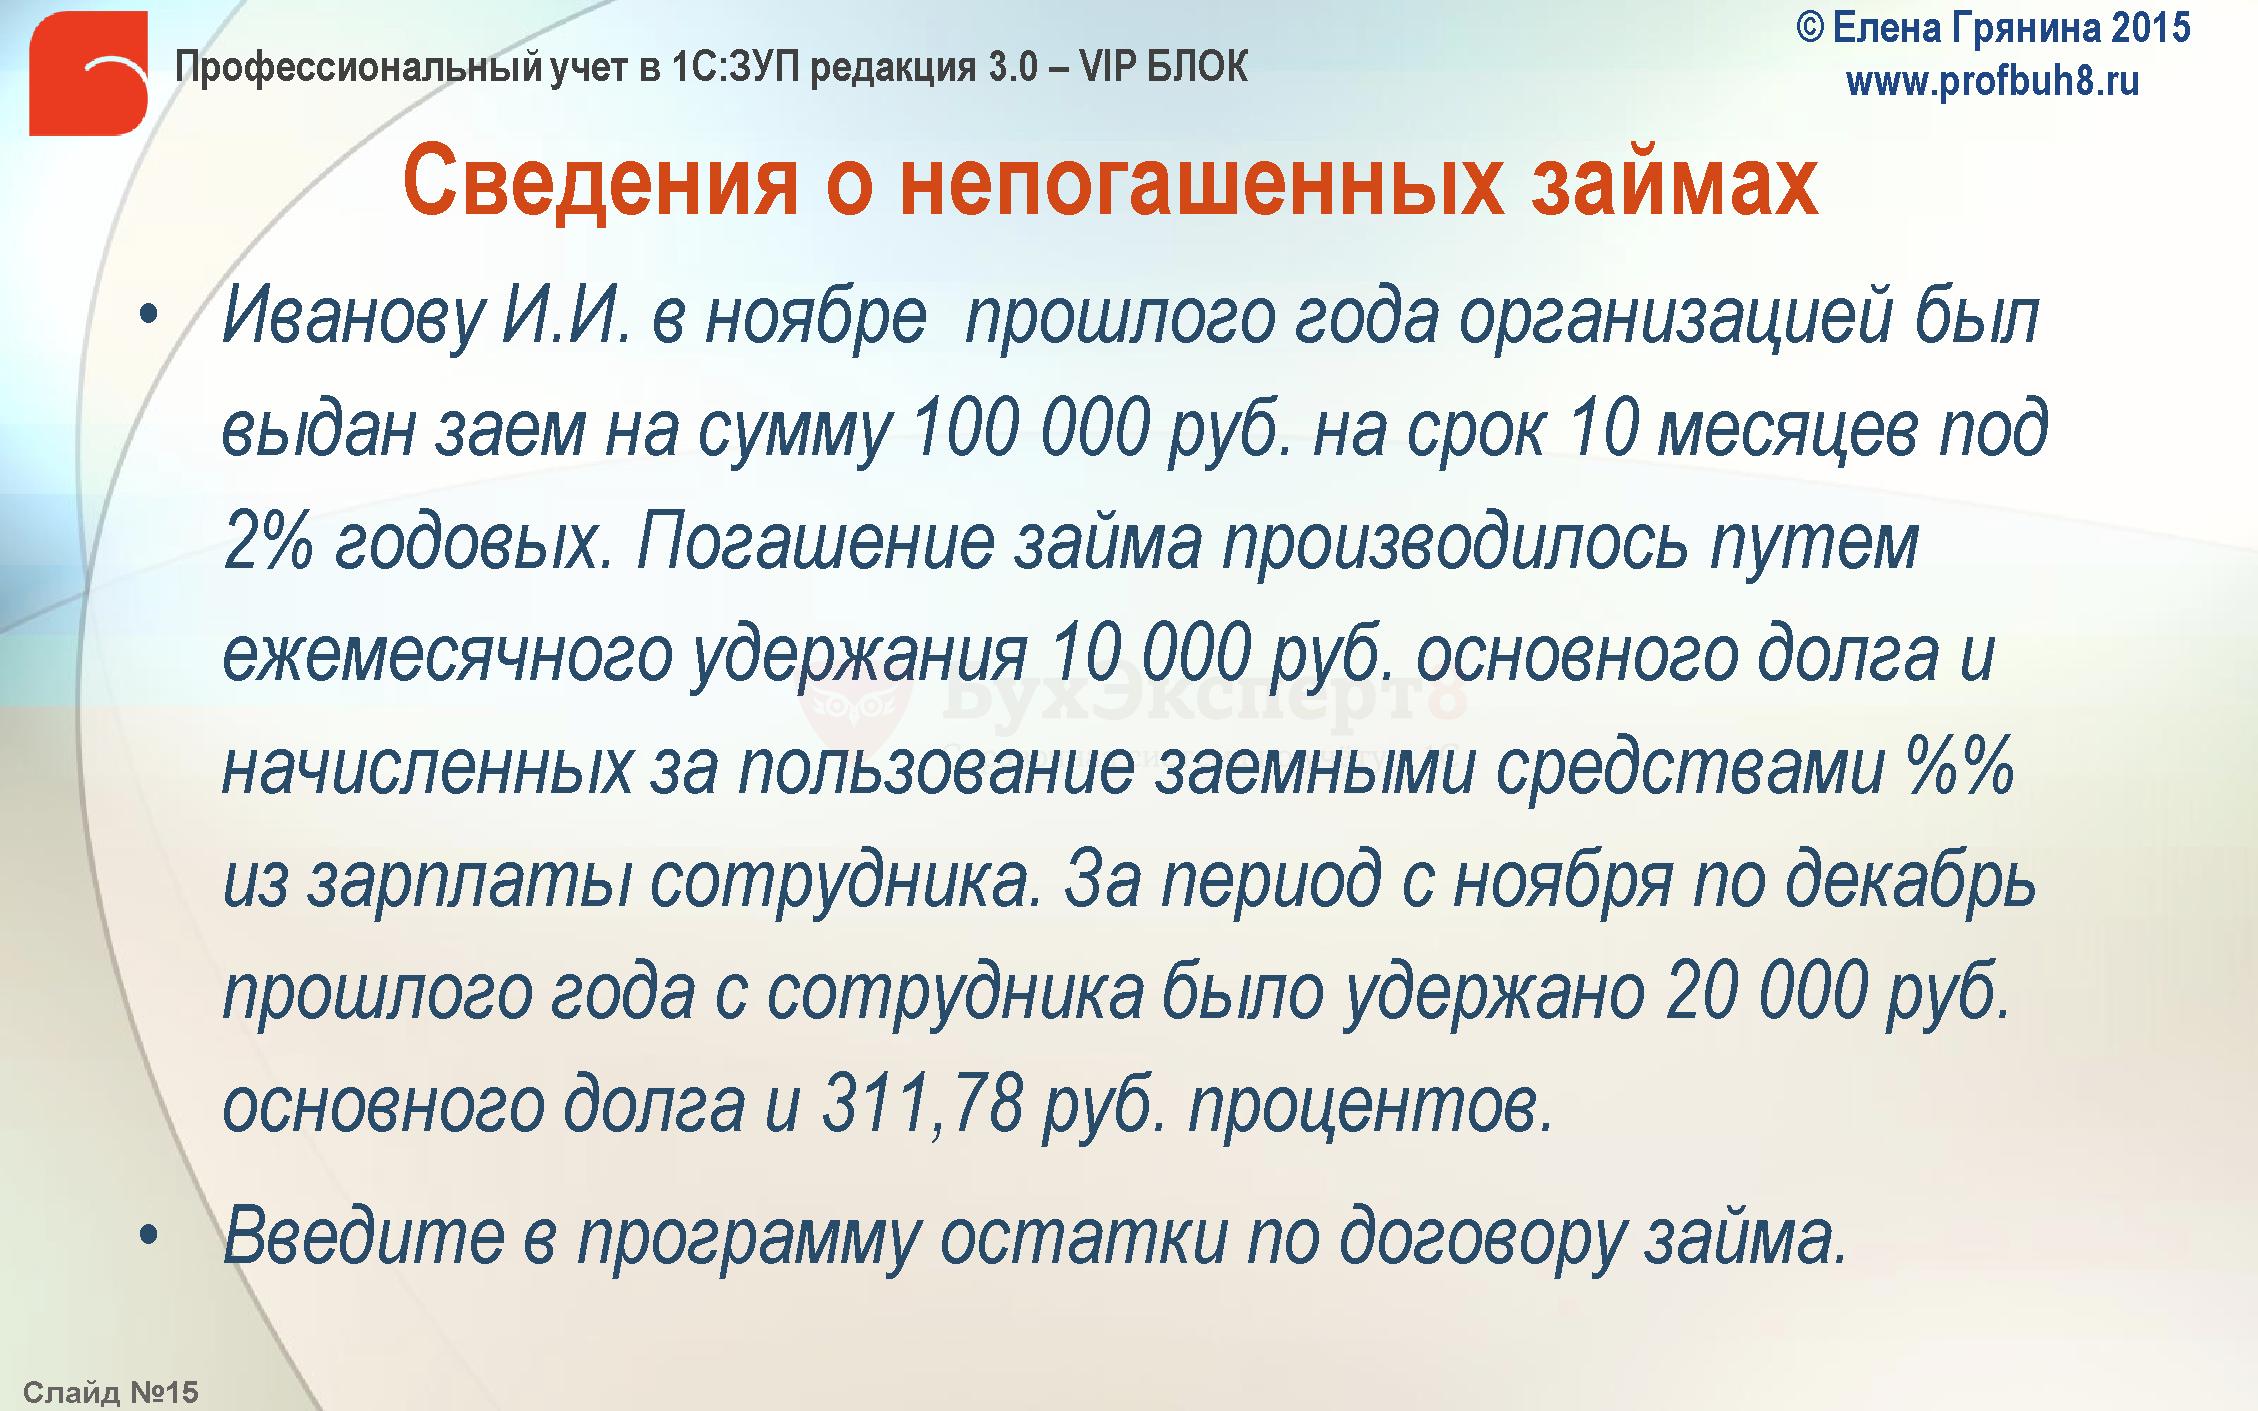 Сведения о непогашенных займах Иванову И.И. в ноябре прошлого года организацией был выдан заем на сумму 100 000 руб. на срок 10 месяцев под 2% годовых. Погашение займа производилось путем ежемесячного удержания 10 000 руб. основного долга и начисленных за пользование заемными средствами %% из зарплаты сотрудника. За период с ноября по декабрь прошлого года с сотрудника было удержано 20 000 руб. основного долга и 311,78 руб. процентов. Введите в программу остатки по договору займа